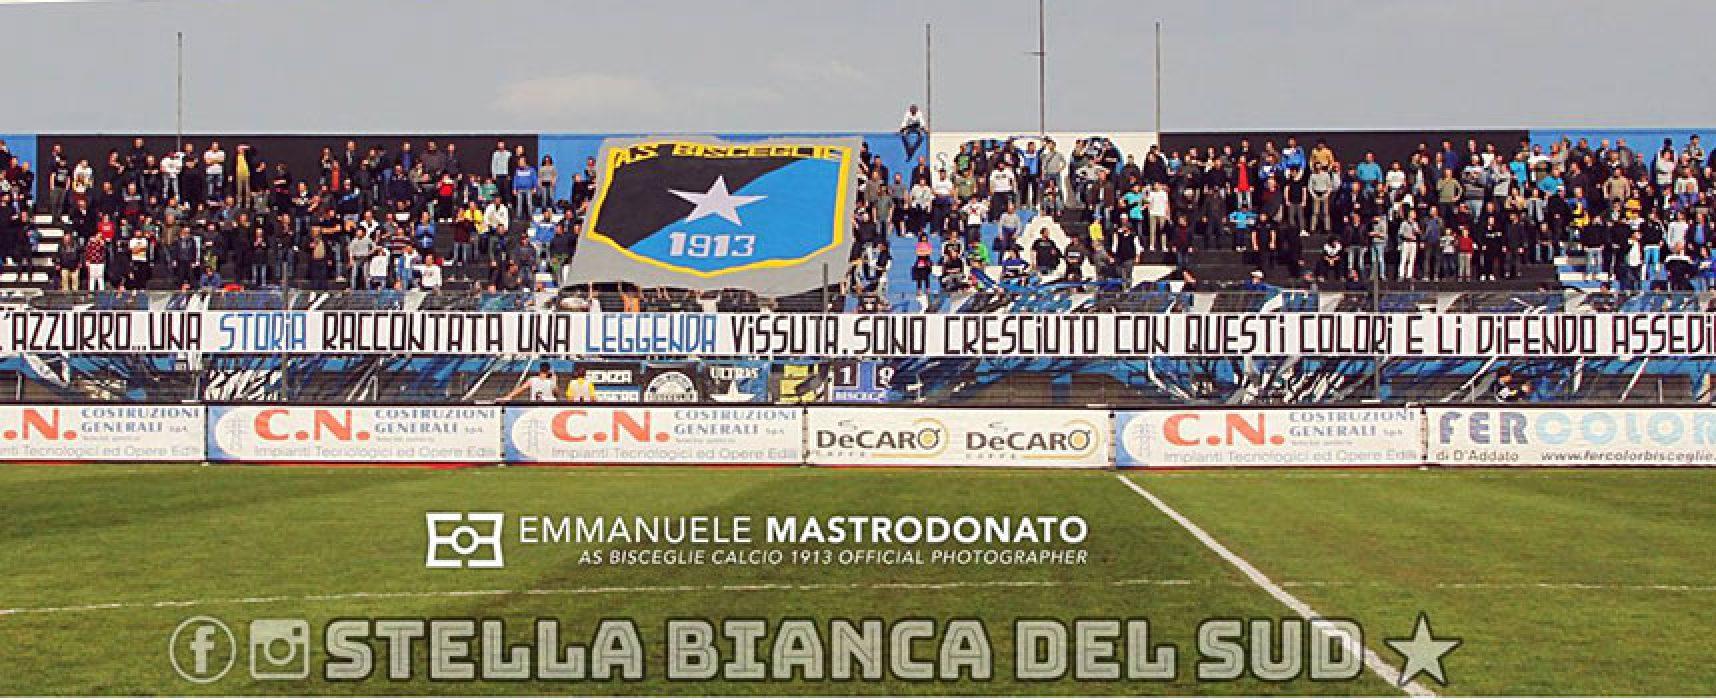 """Bisceglie calcio, Mancini: """"Squadra irriconoscibile nel primo tempo, leggermente meglio il secondo"""""""